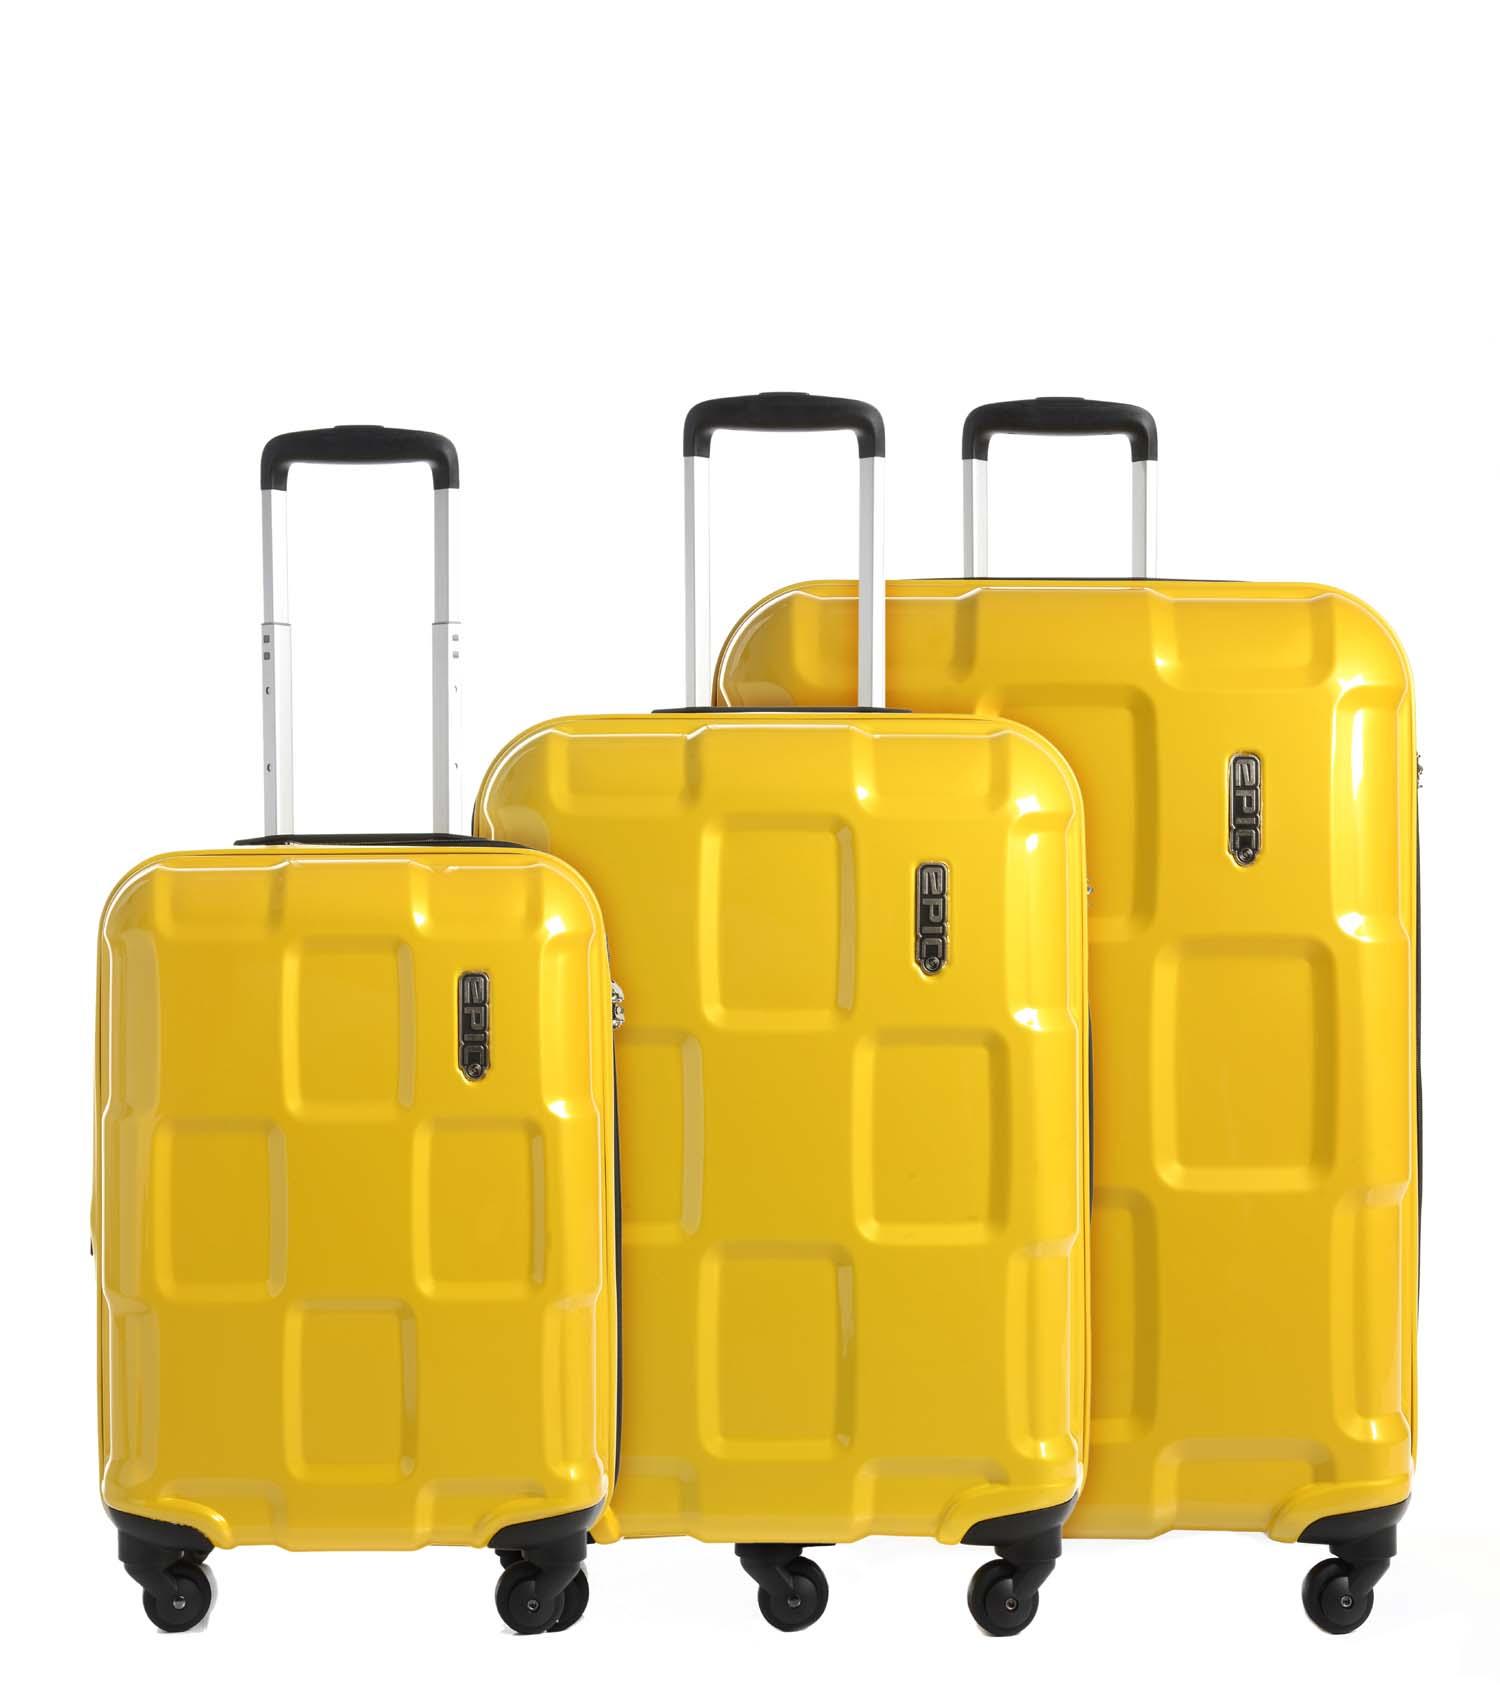 Lækker EPIC kufferter | Kvalitet, design og funktionalitet, der går hånd CR-34